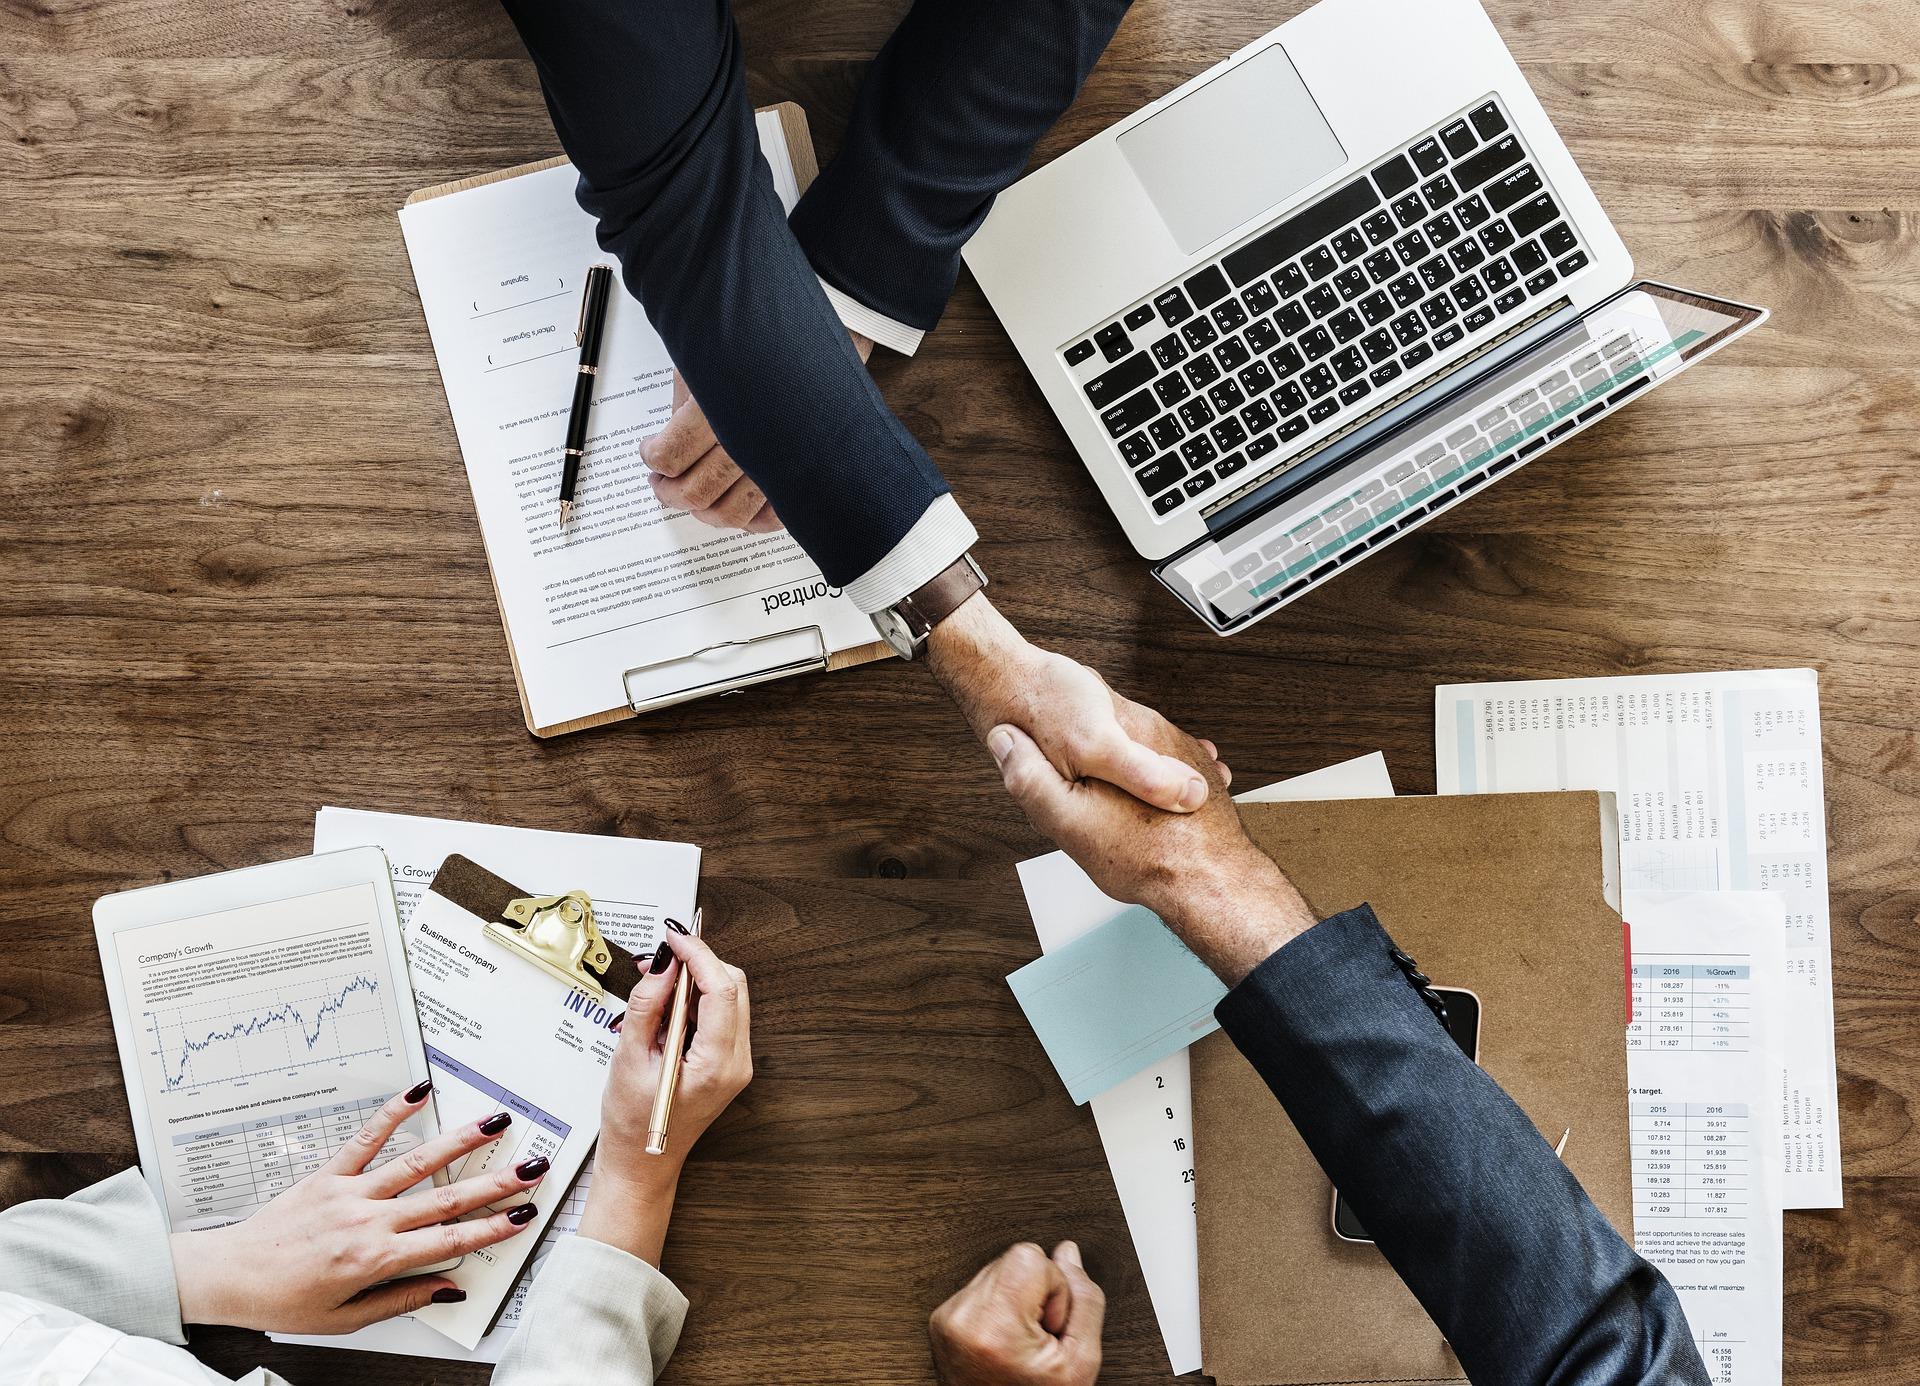 Zusammenarbeit im Büro